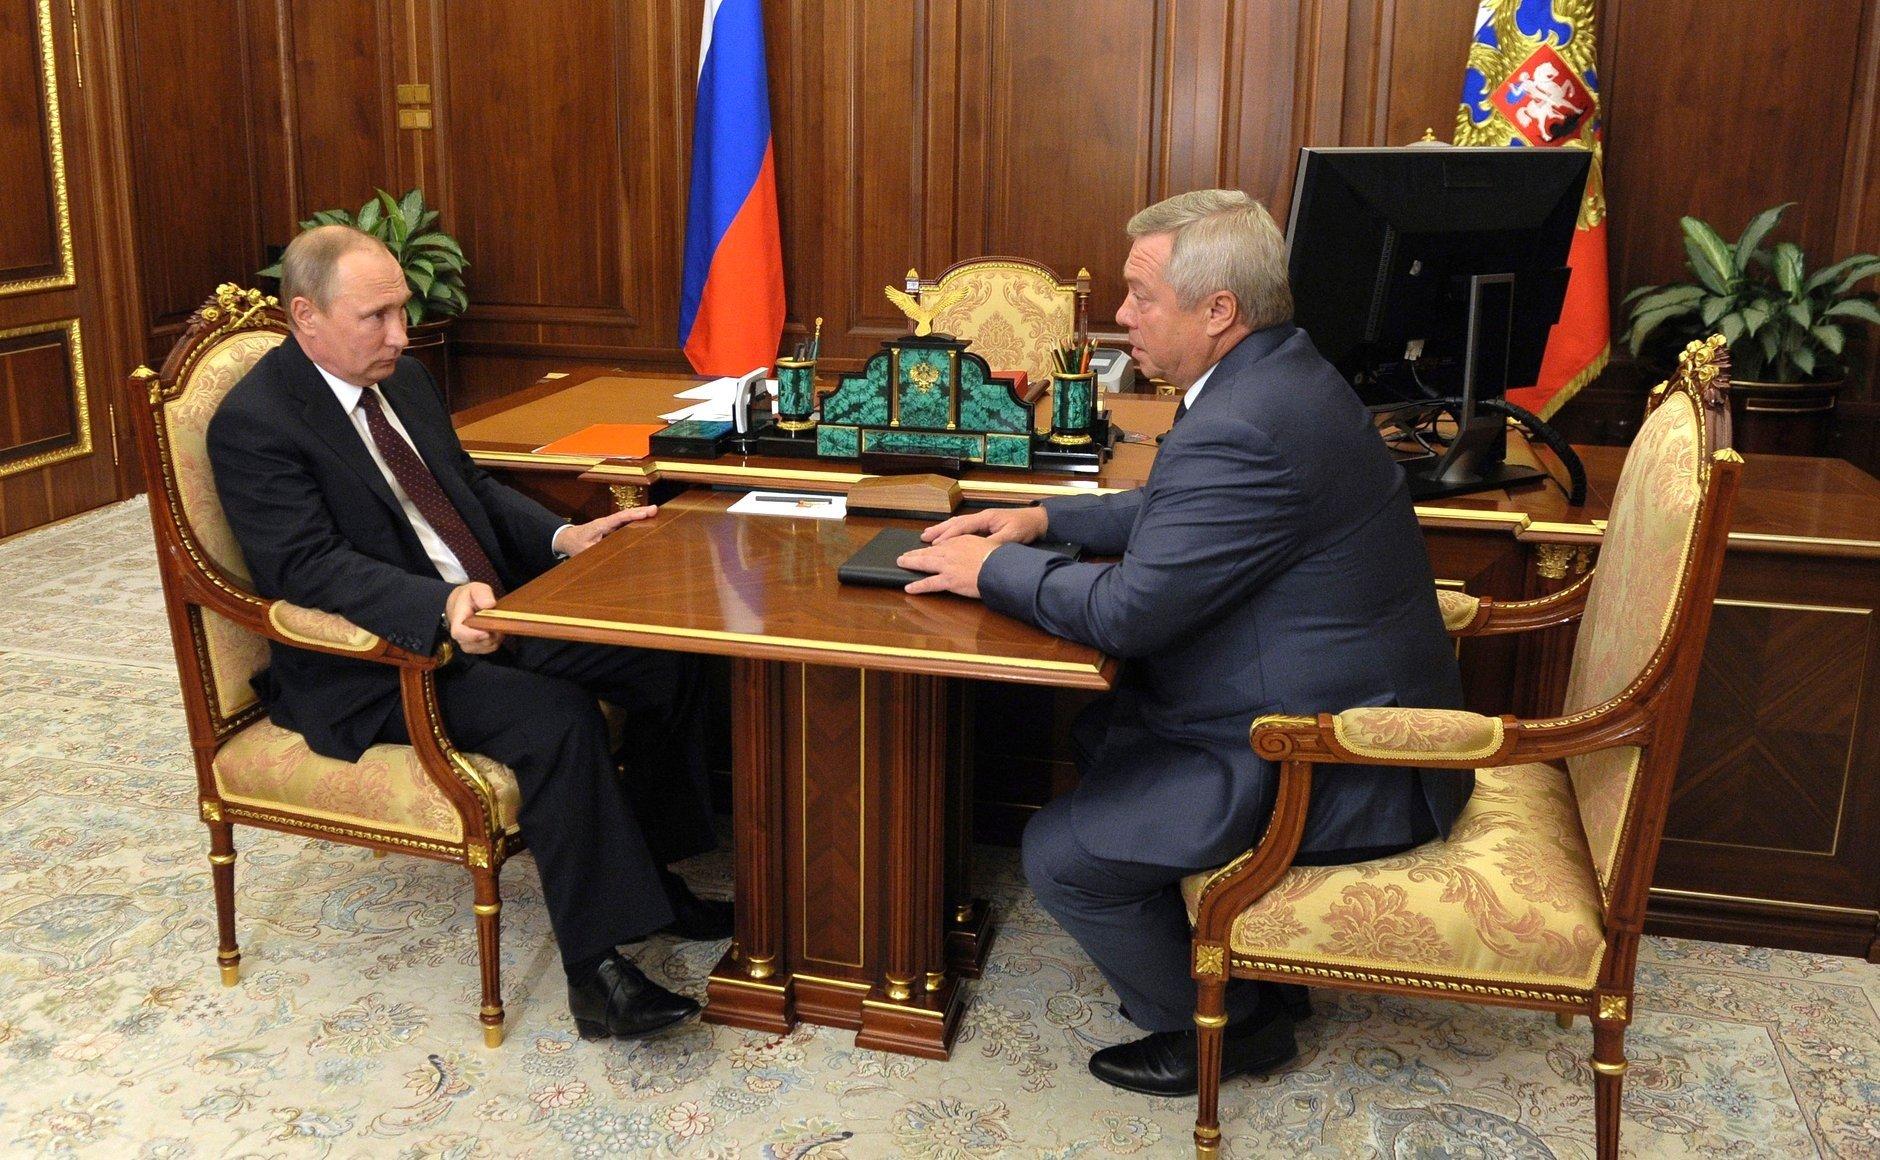 Донской губернатор презентовал Путину «Ростов-Арену» иПлатов